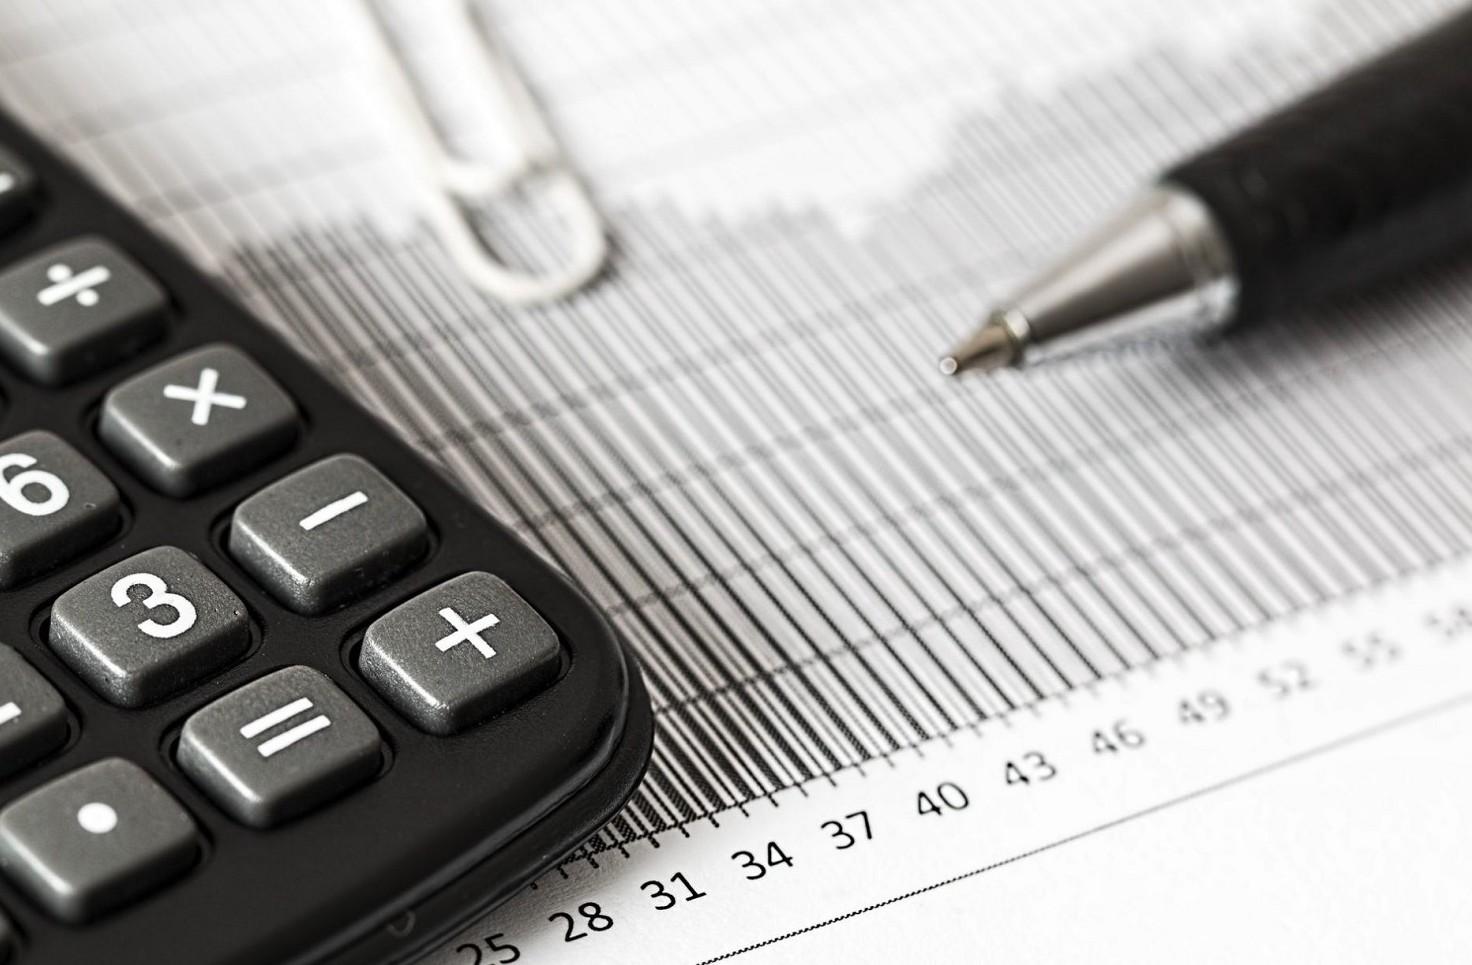 Dichiarazione dei redditi 2019 date e sc